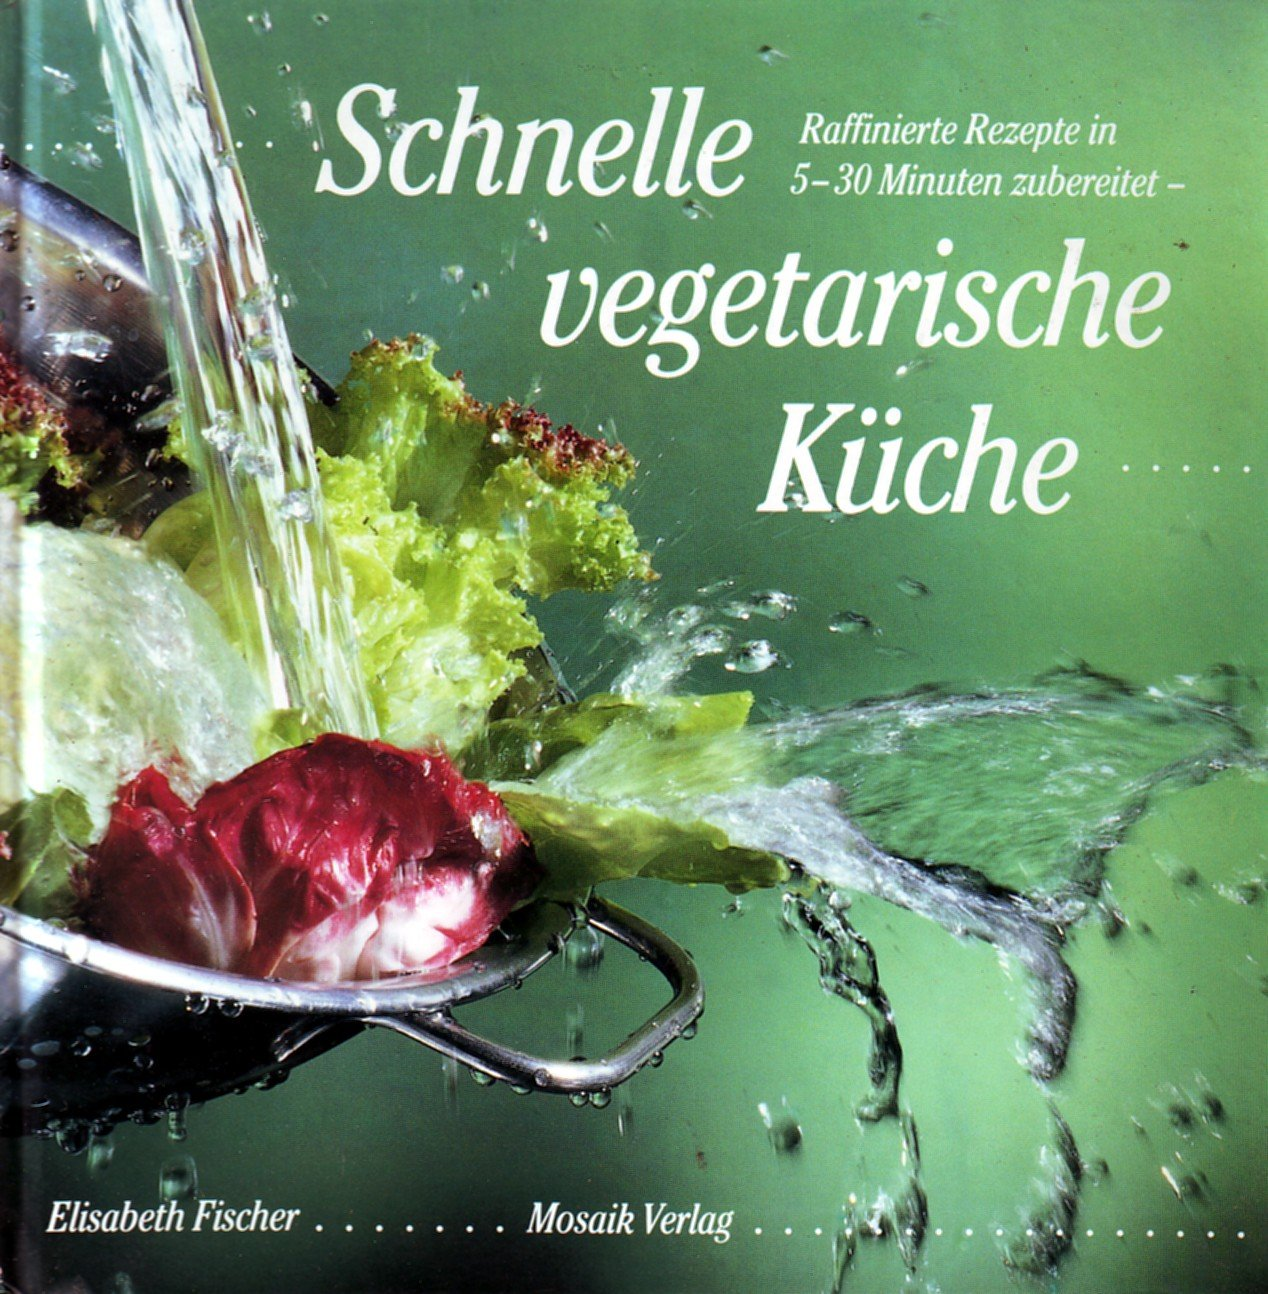 Schnelle vegetarische Küche. Raffinierte Rezepte in 5-30 Minuten ...